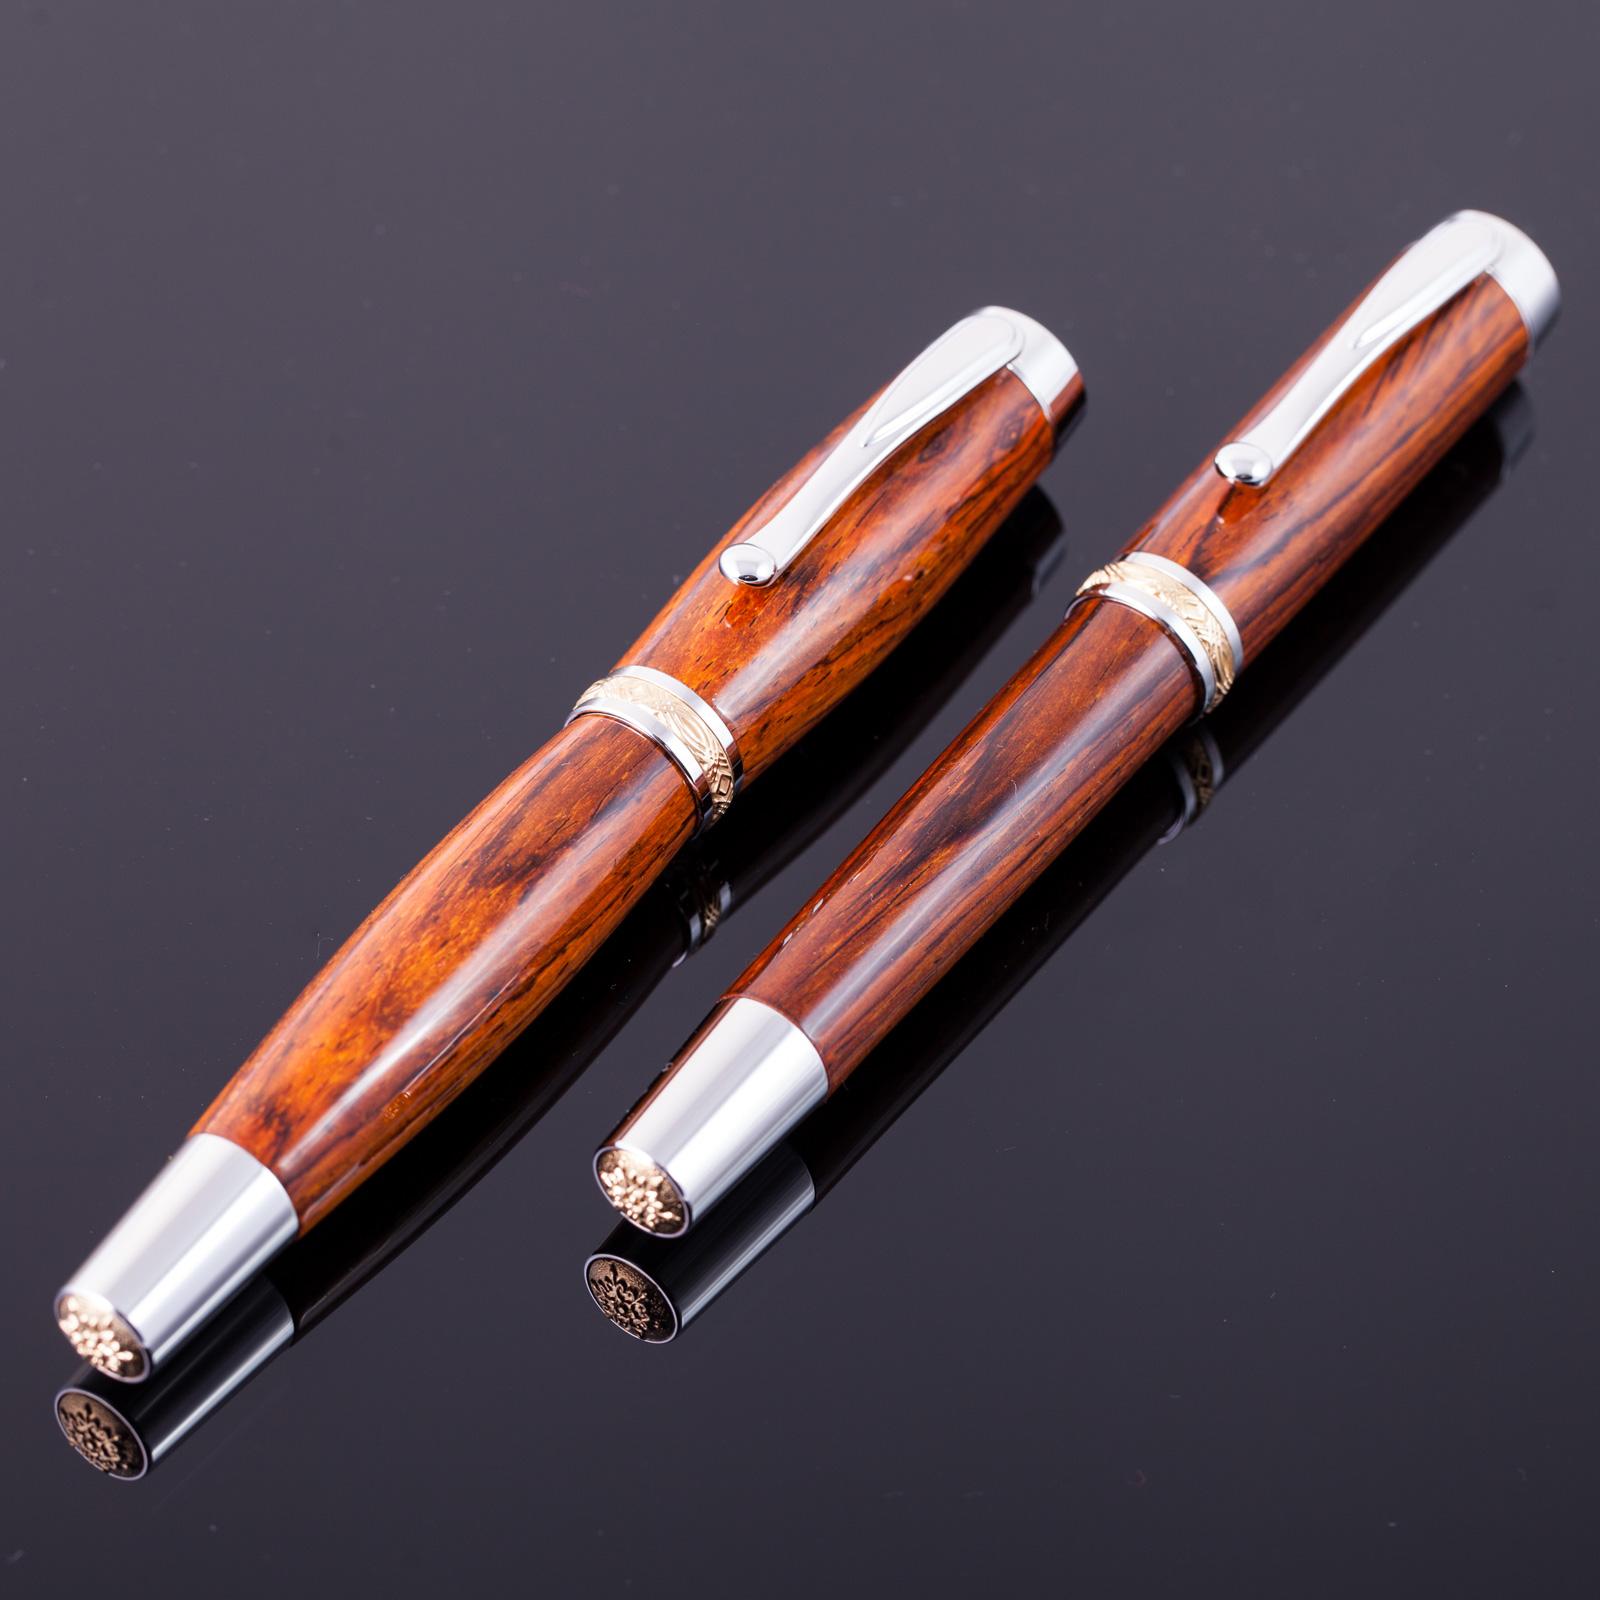 Füller-Holz-Cocobolo-Statesman-Feder-02